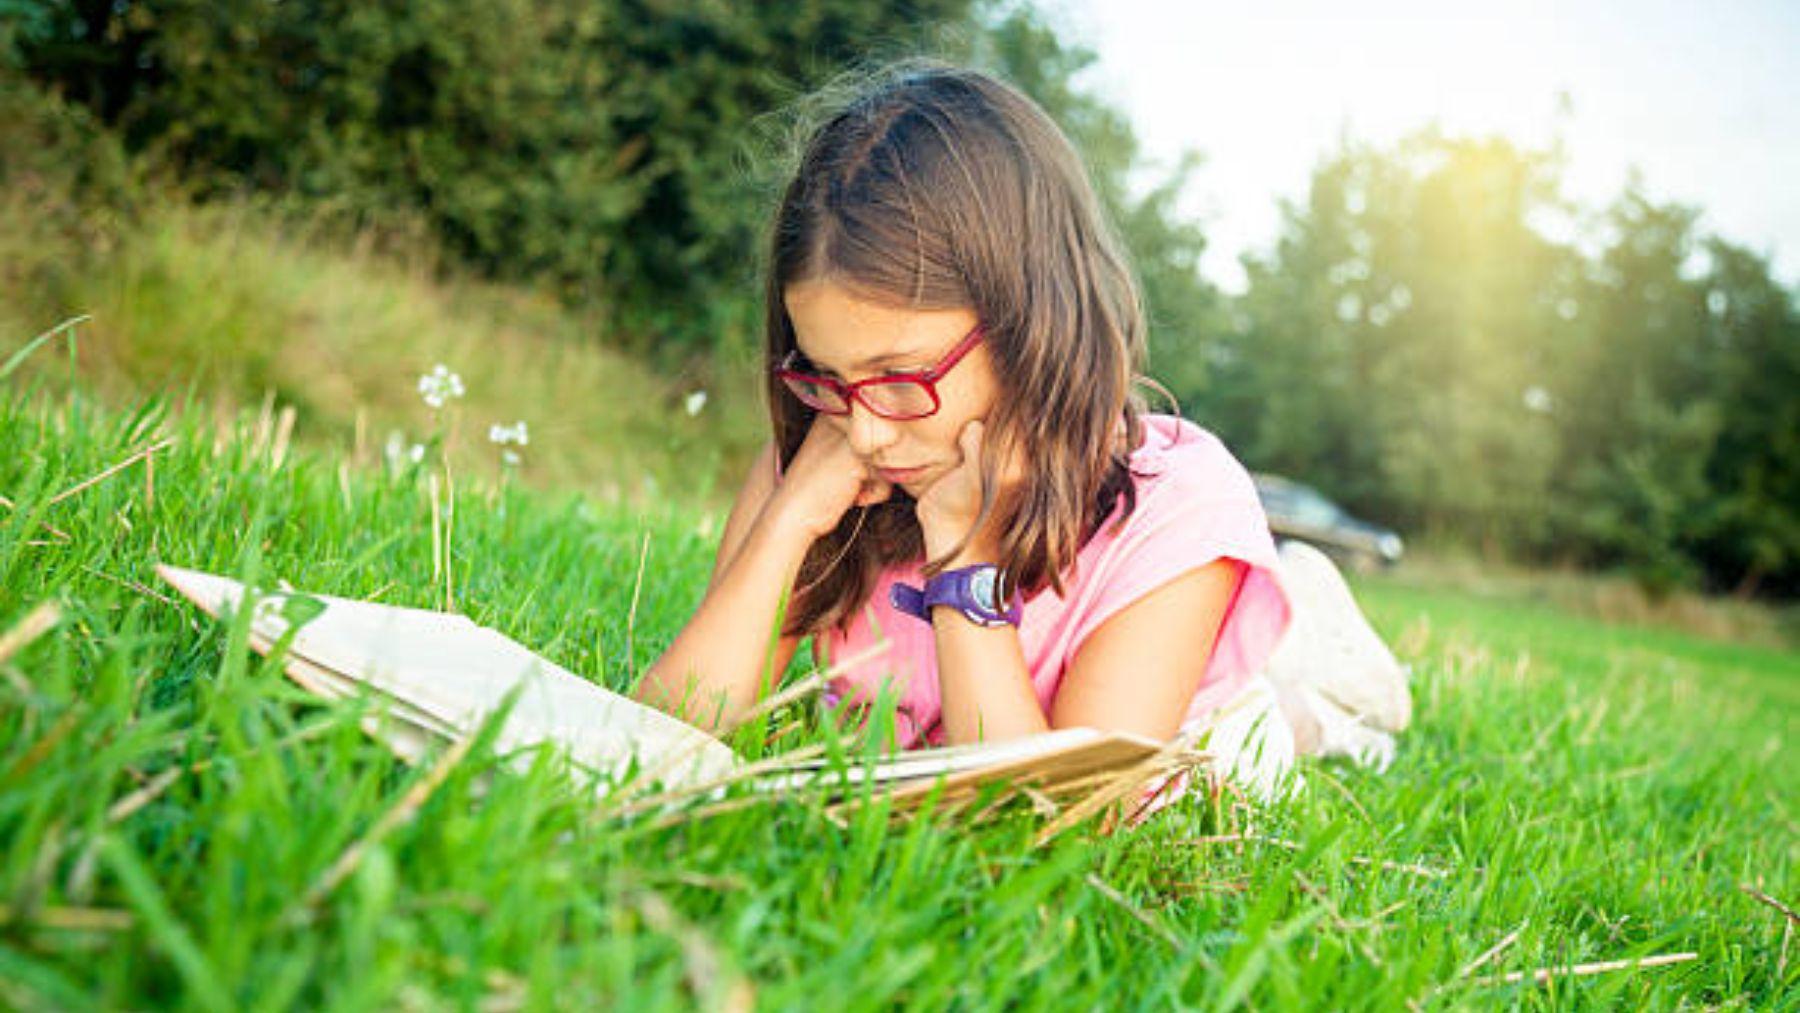 Descubre algunas de las mejores poesías infantiles para niños